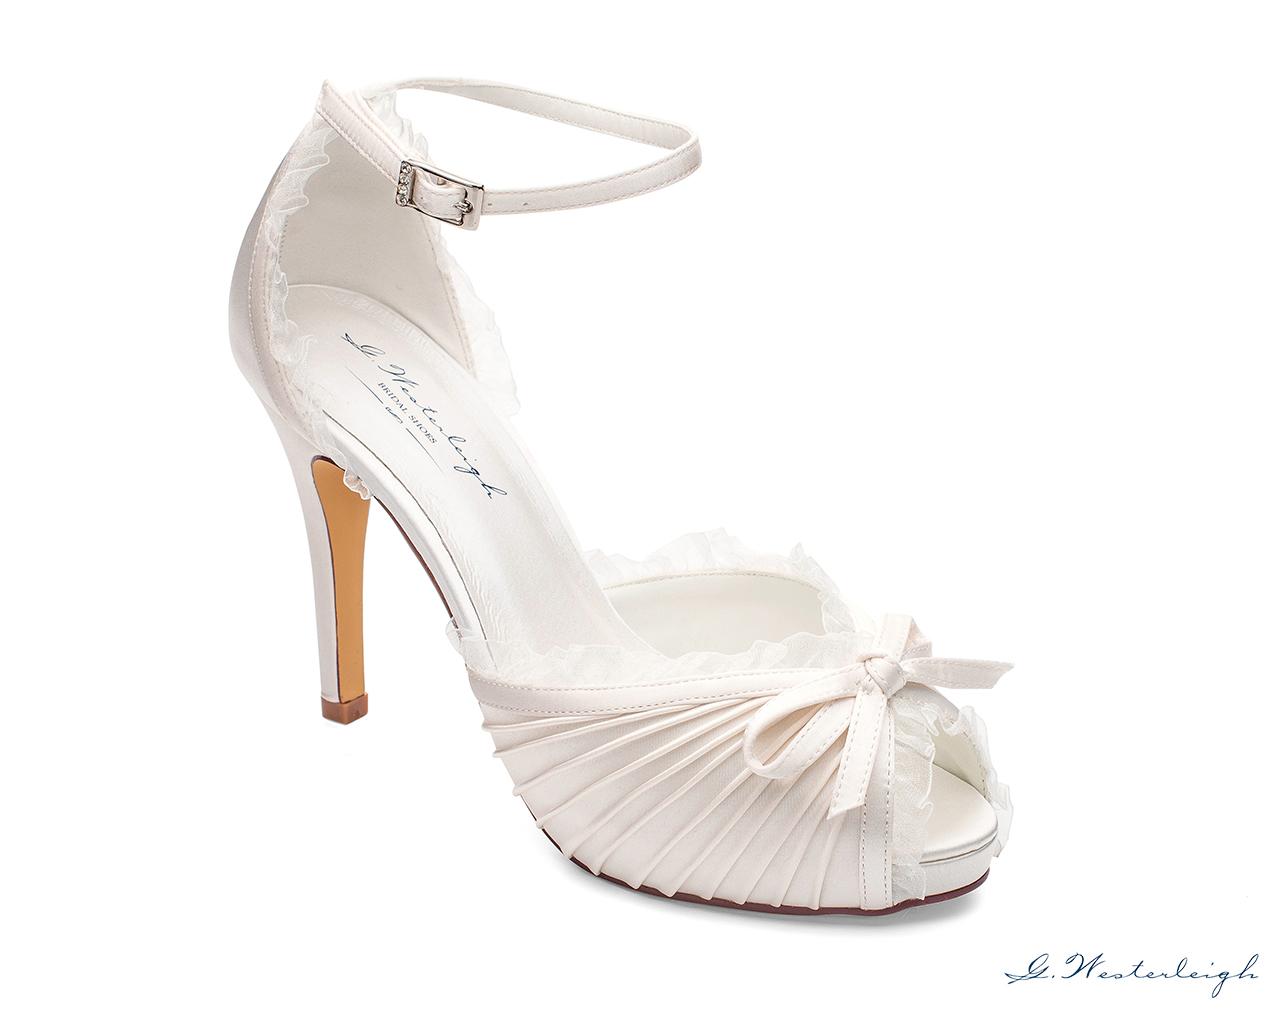 Webáruház   termékek   Alkalmi és esküvői cipők - gwesterleigh.com 6d13dd72be